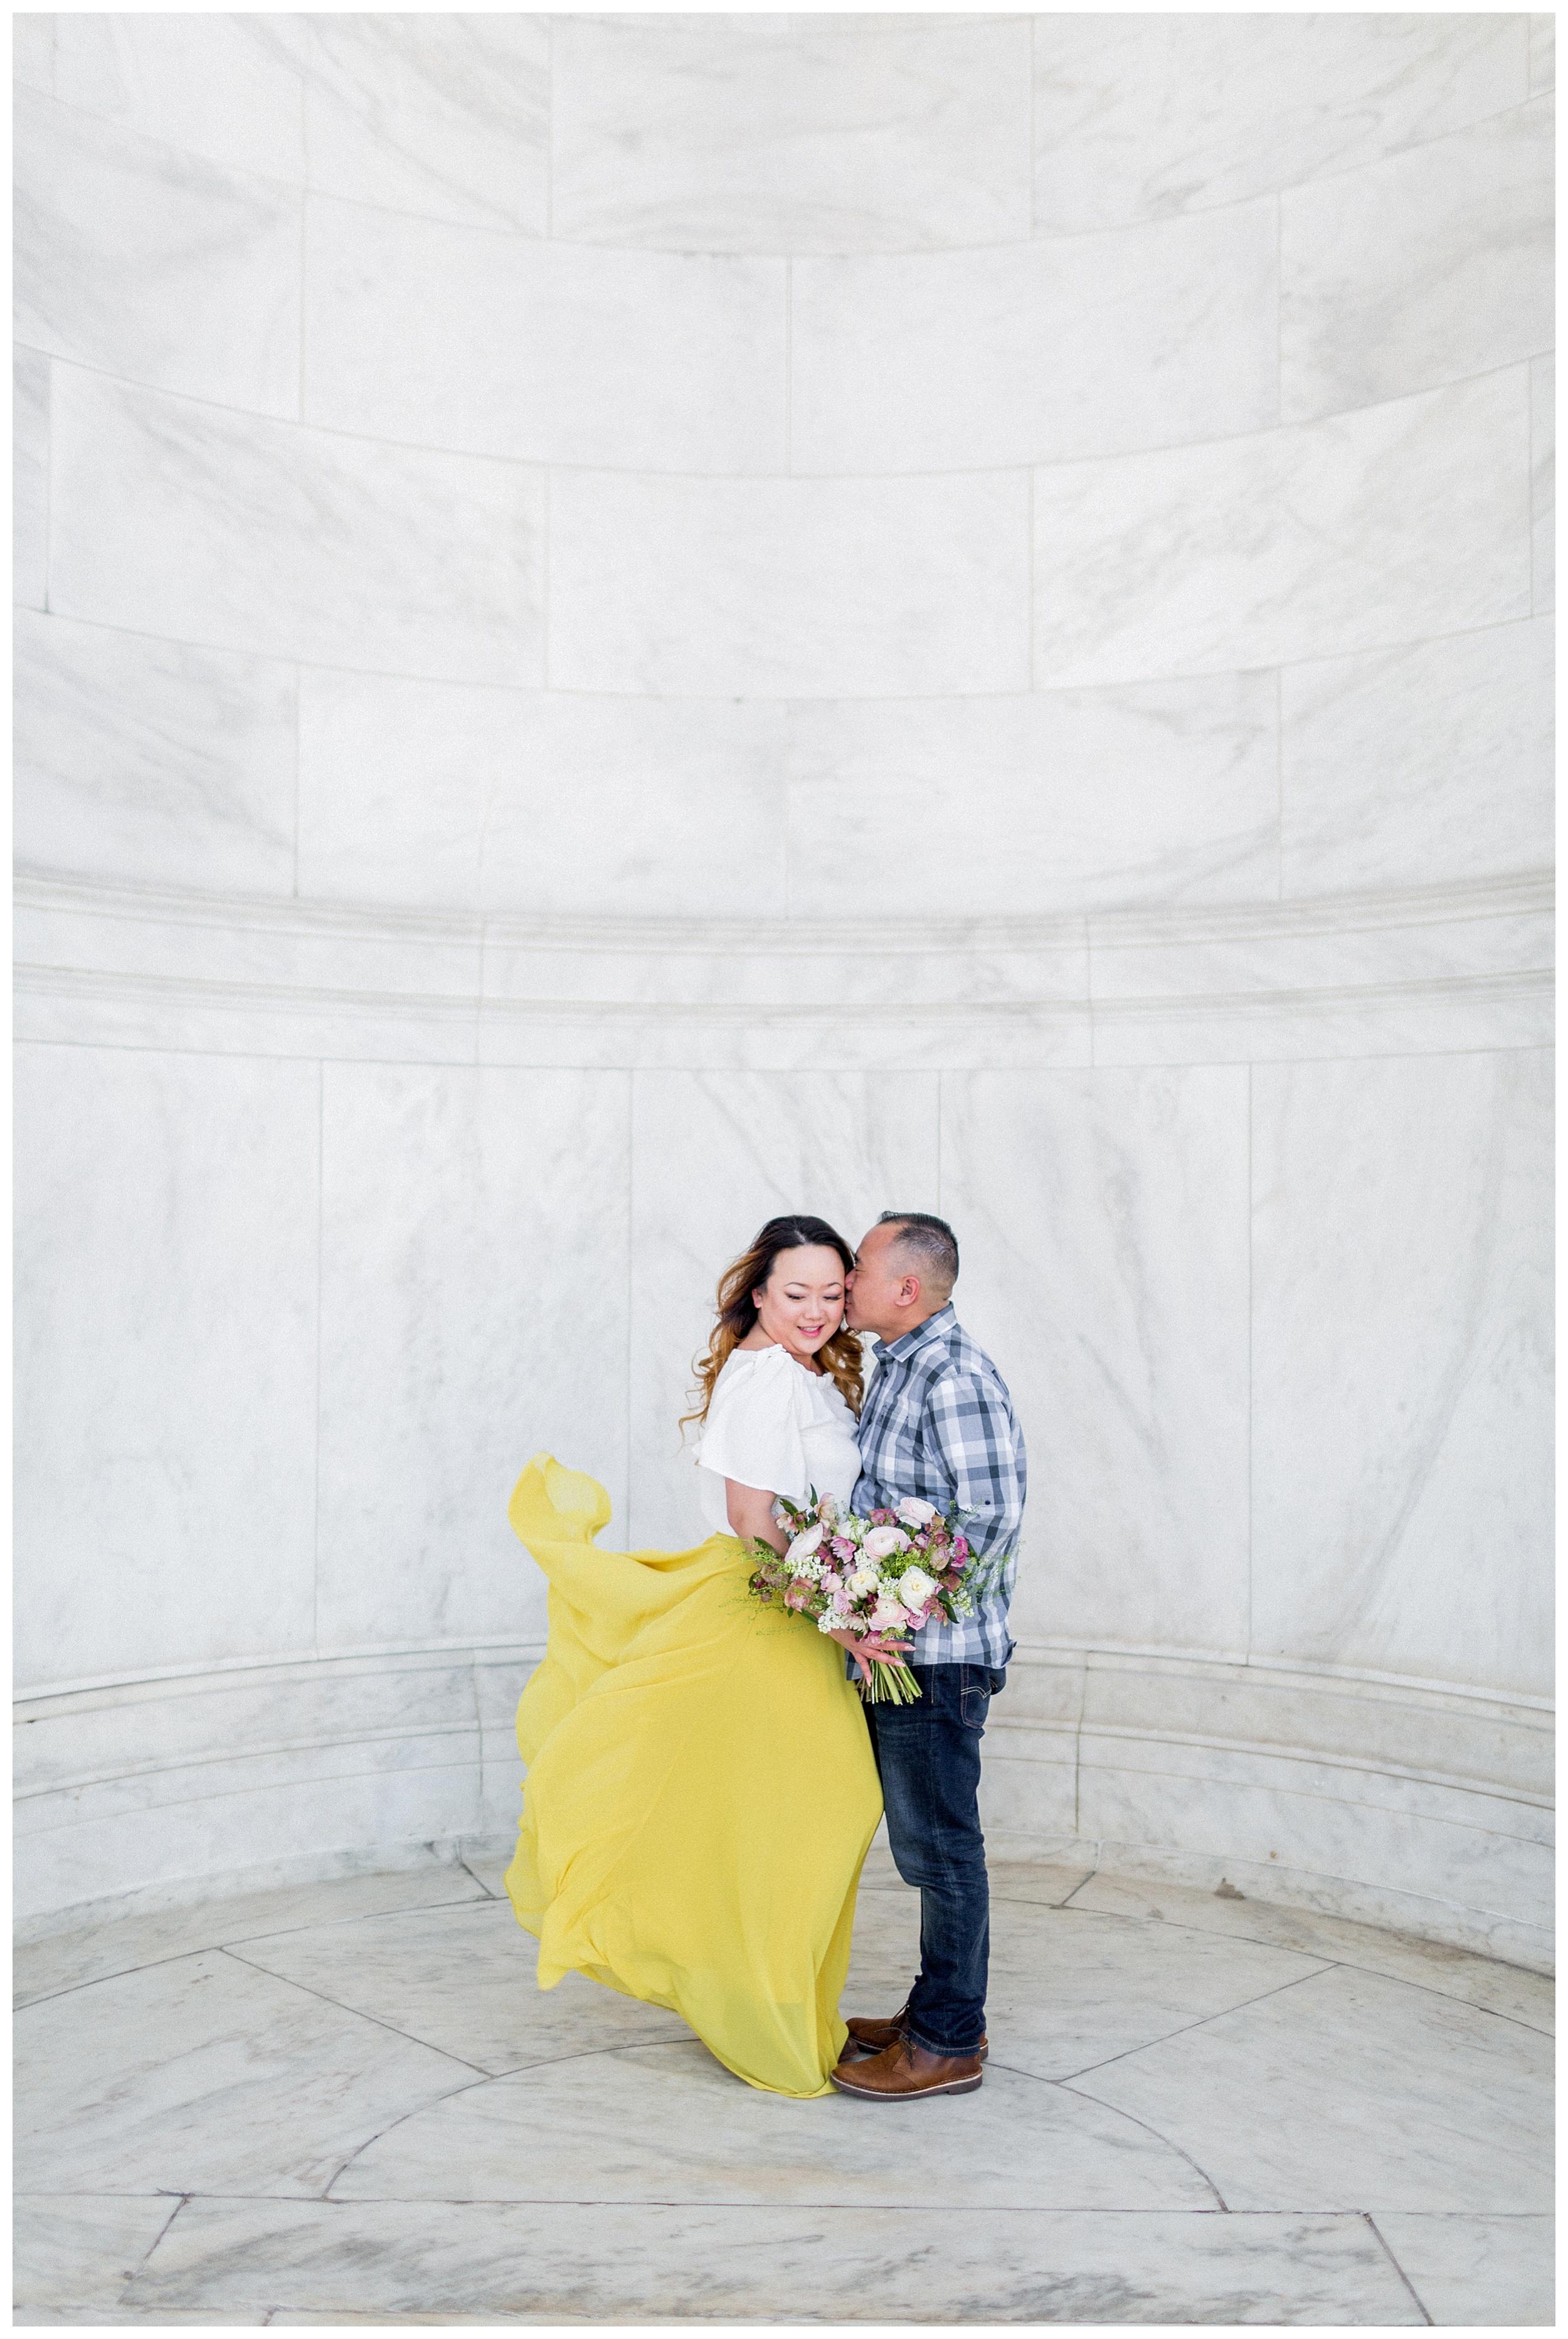 Washington DC Engagement Photos | Thomas Jefferson Engagement Session_0015.jpg